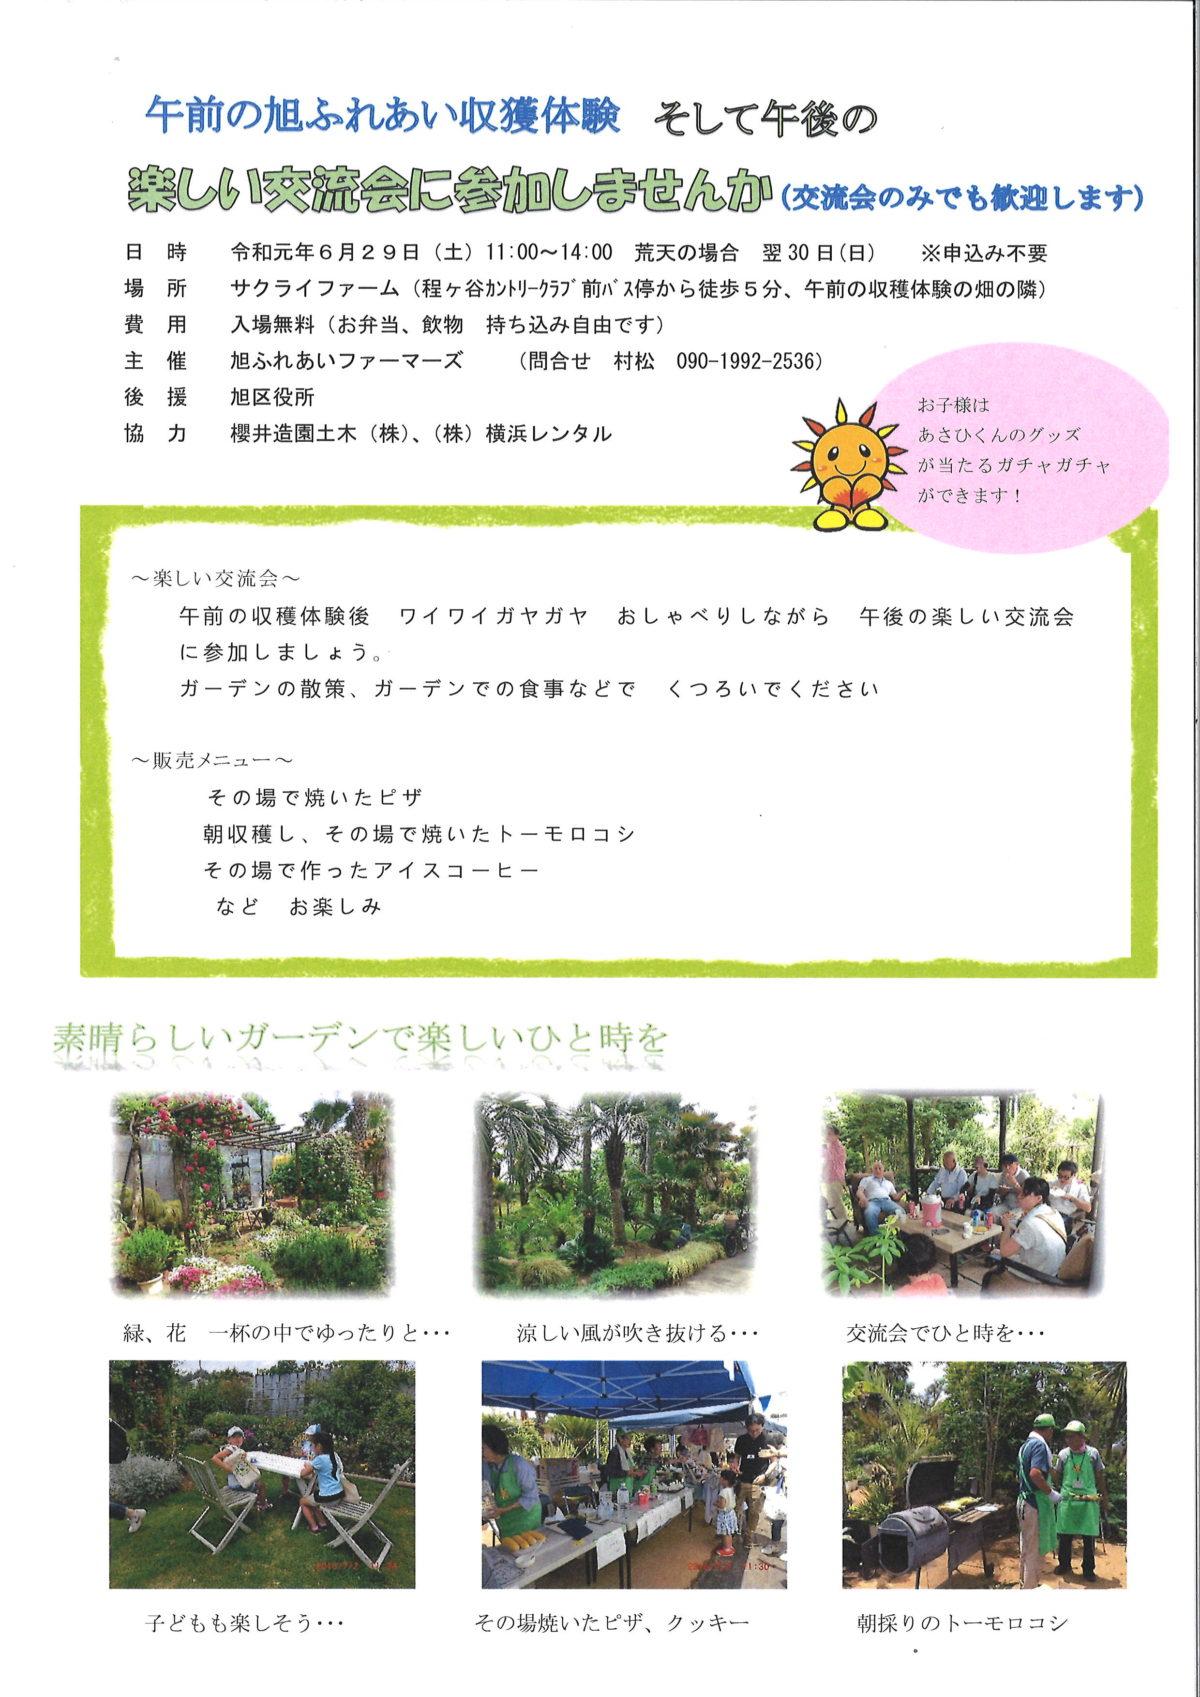 旭ふれあい収穫祭~収穫体験~交流会(夏)が開催されます